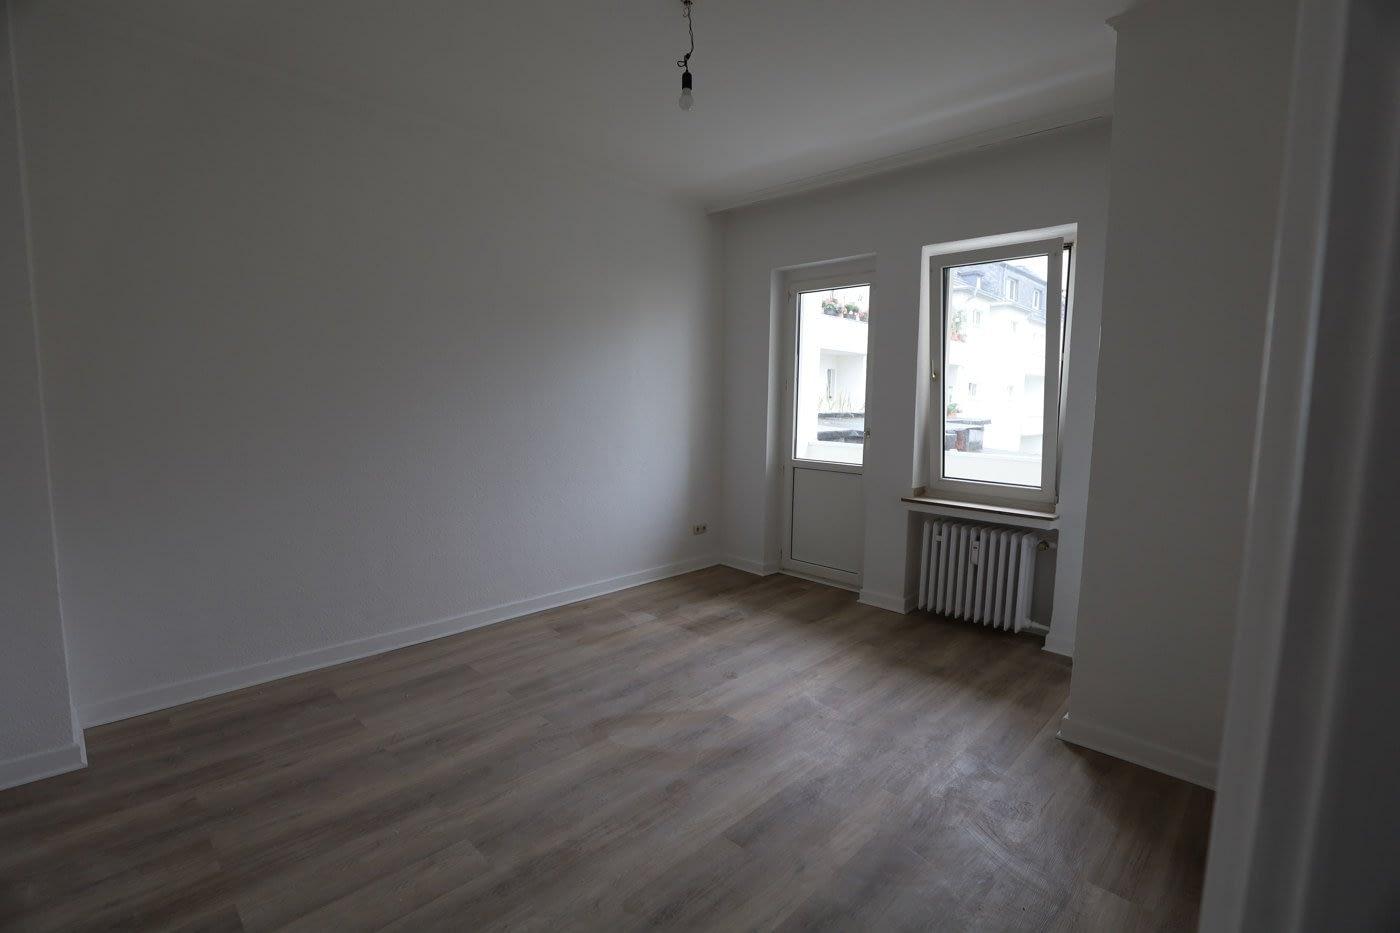 Helle 3 Raum Wohnung in Rüttenscheid mit Balkon und Balkonblick ins Grüne